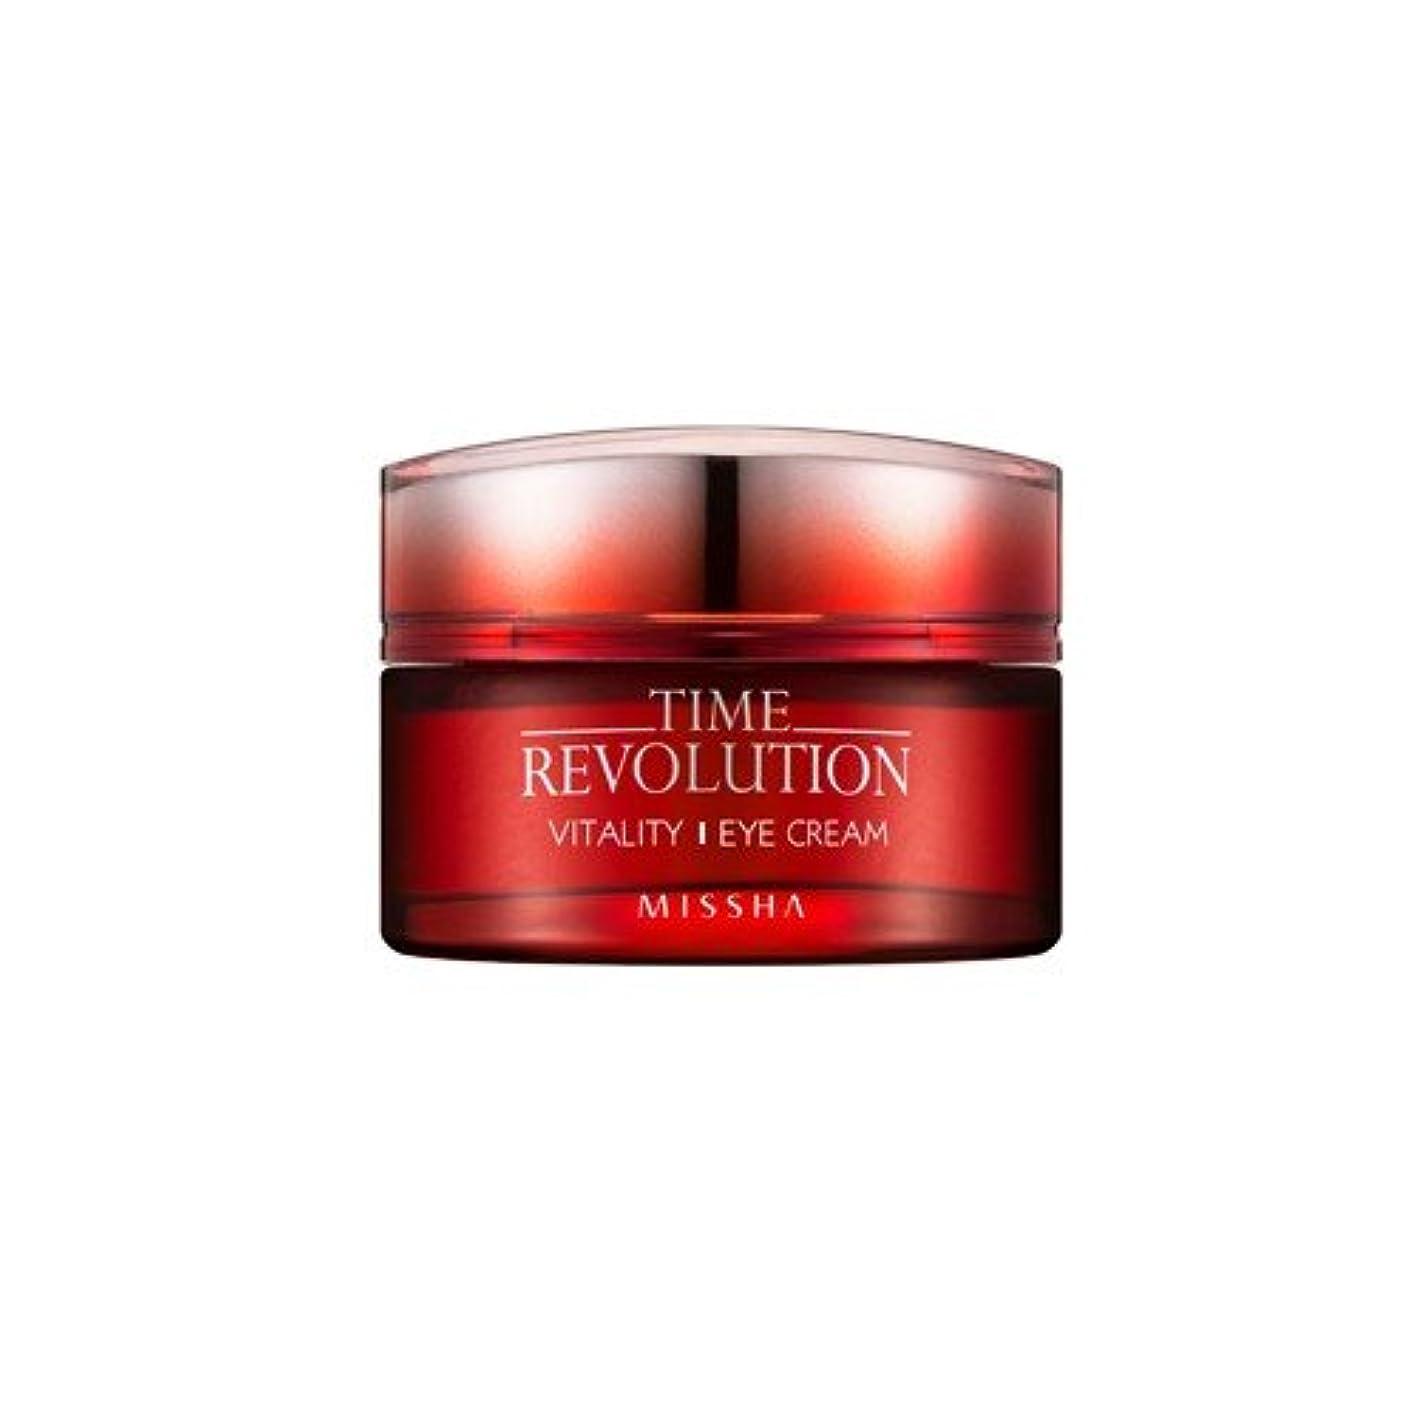 貯水池心臓ジョリーMISSHA time revolution vitality eye cream (ミシャ タイムレボリューション バイタリティー アイクリーム)25ml